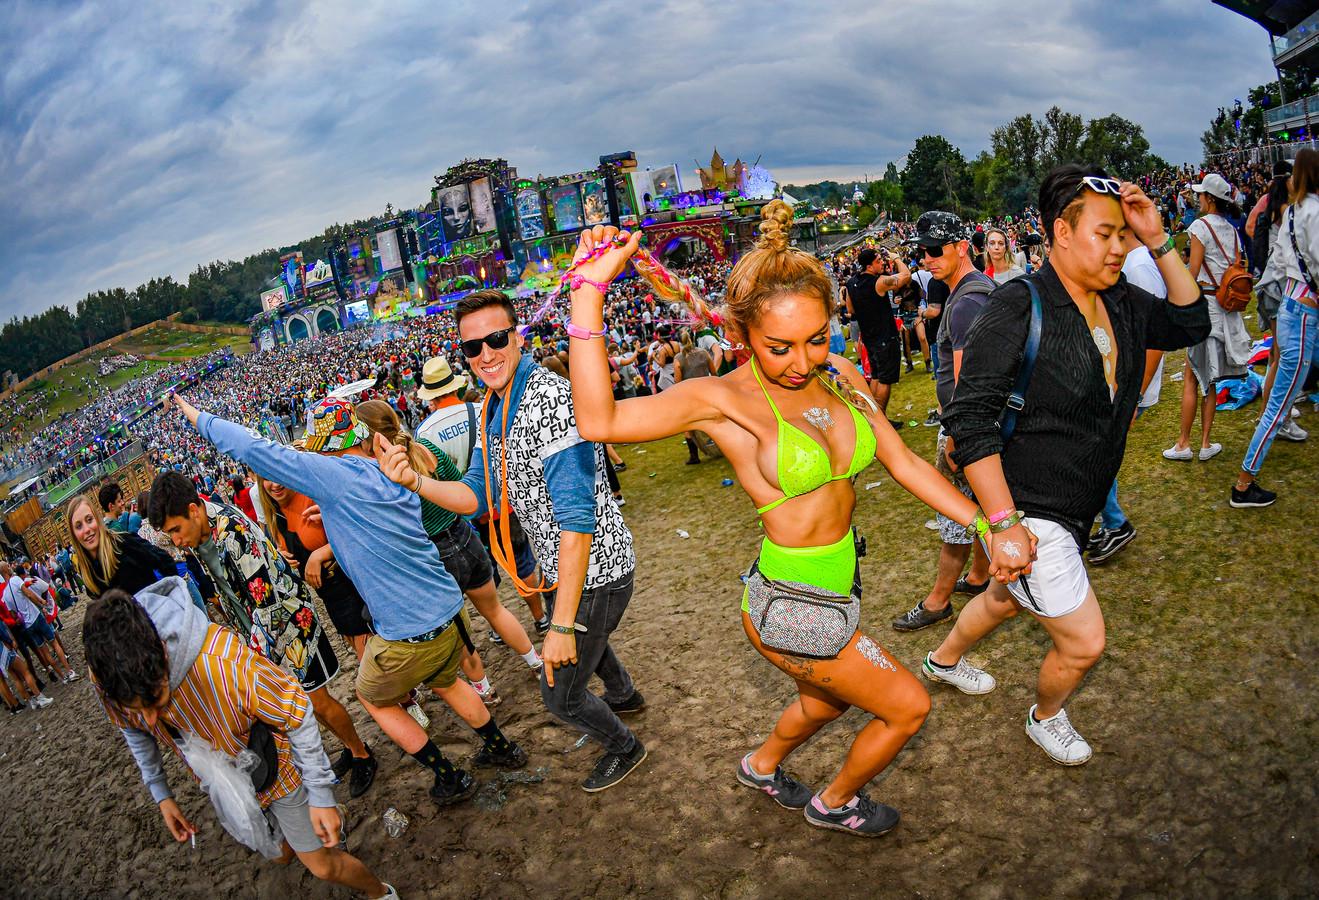 Het feestje op Tomorrowland.